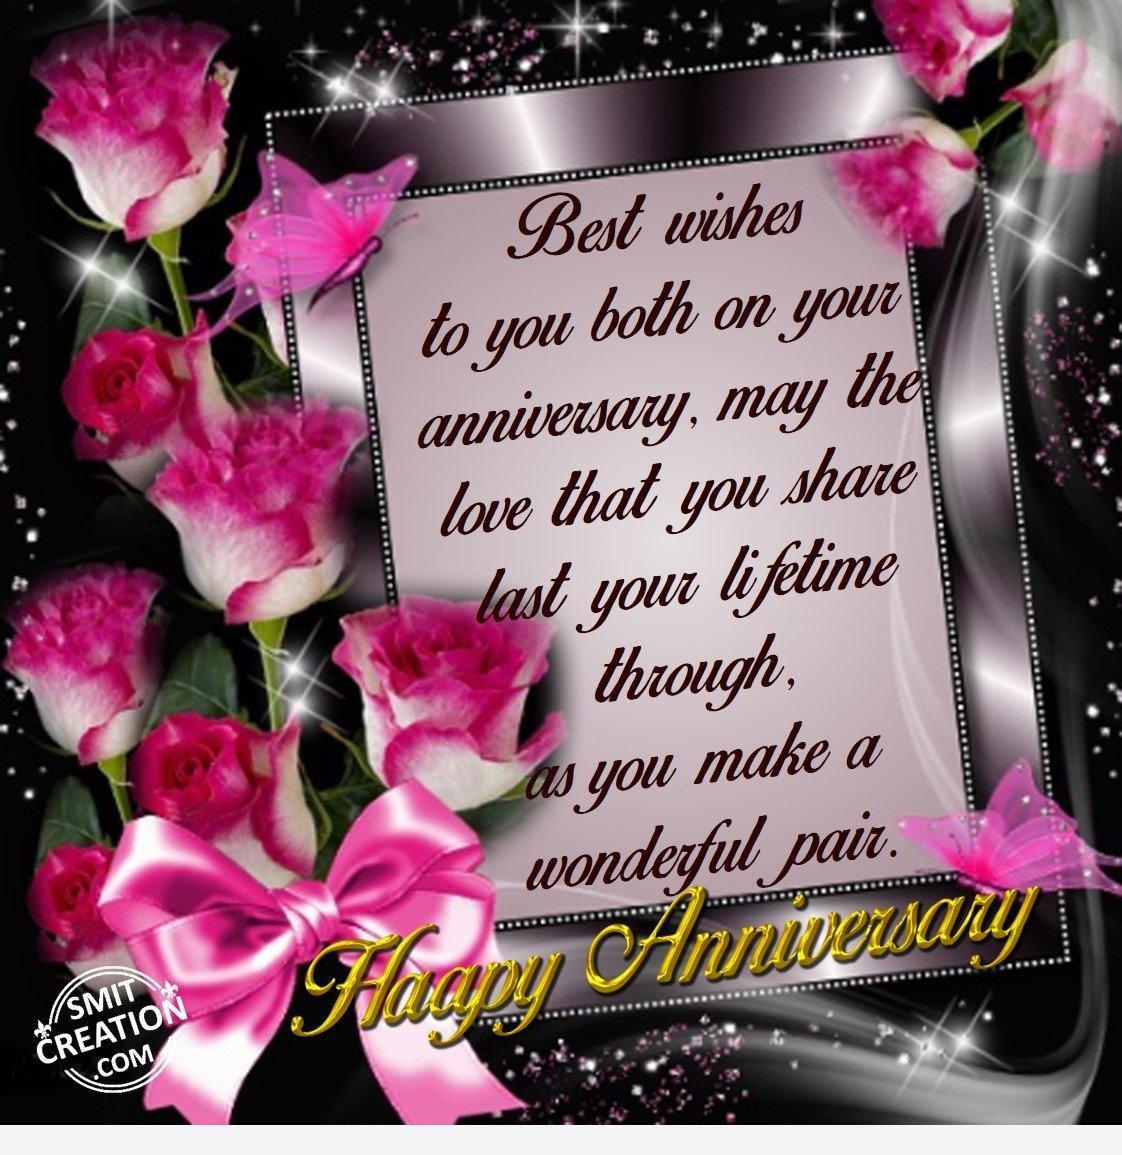 happy anniversary smitcreation com